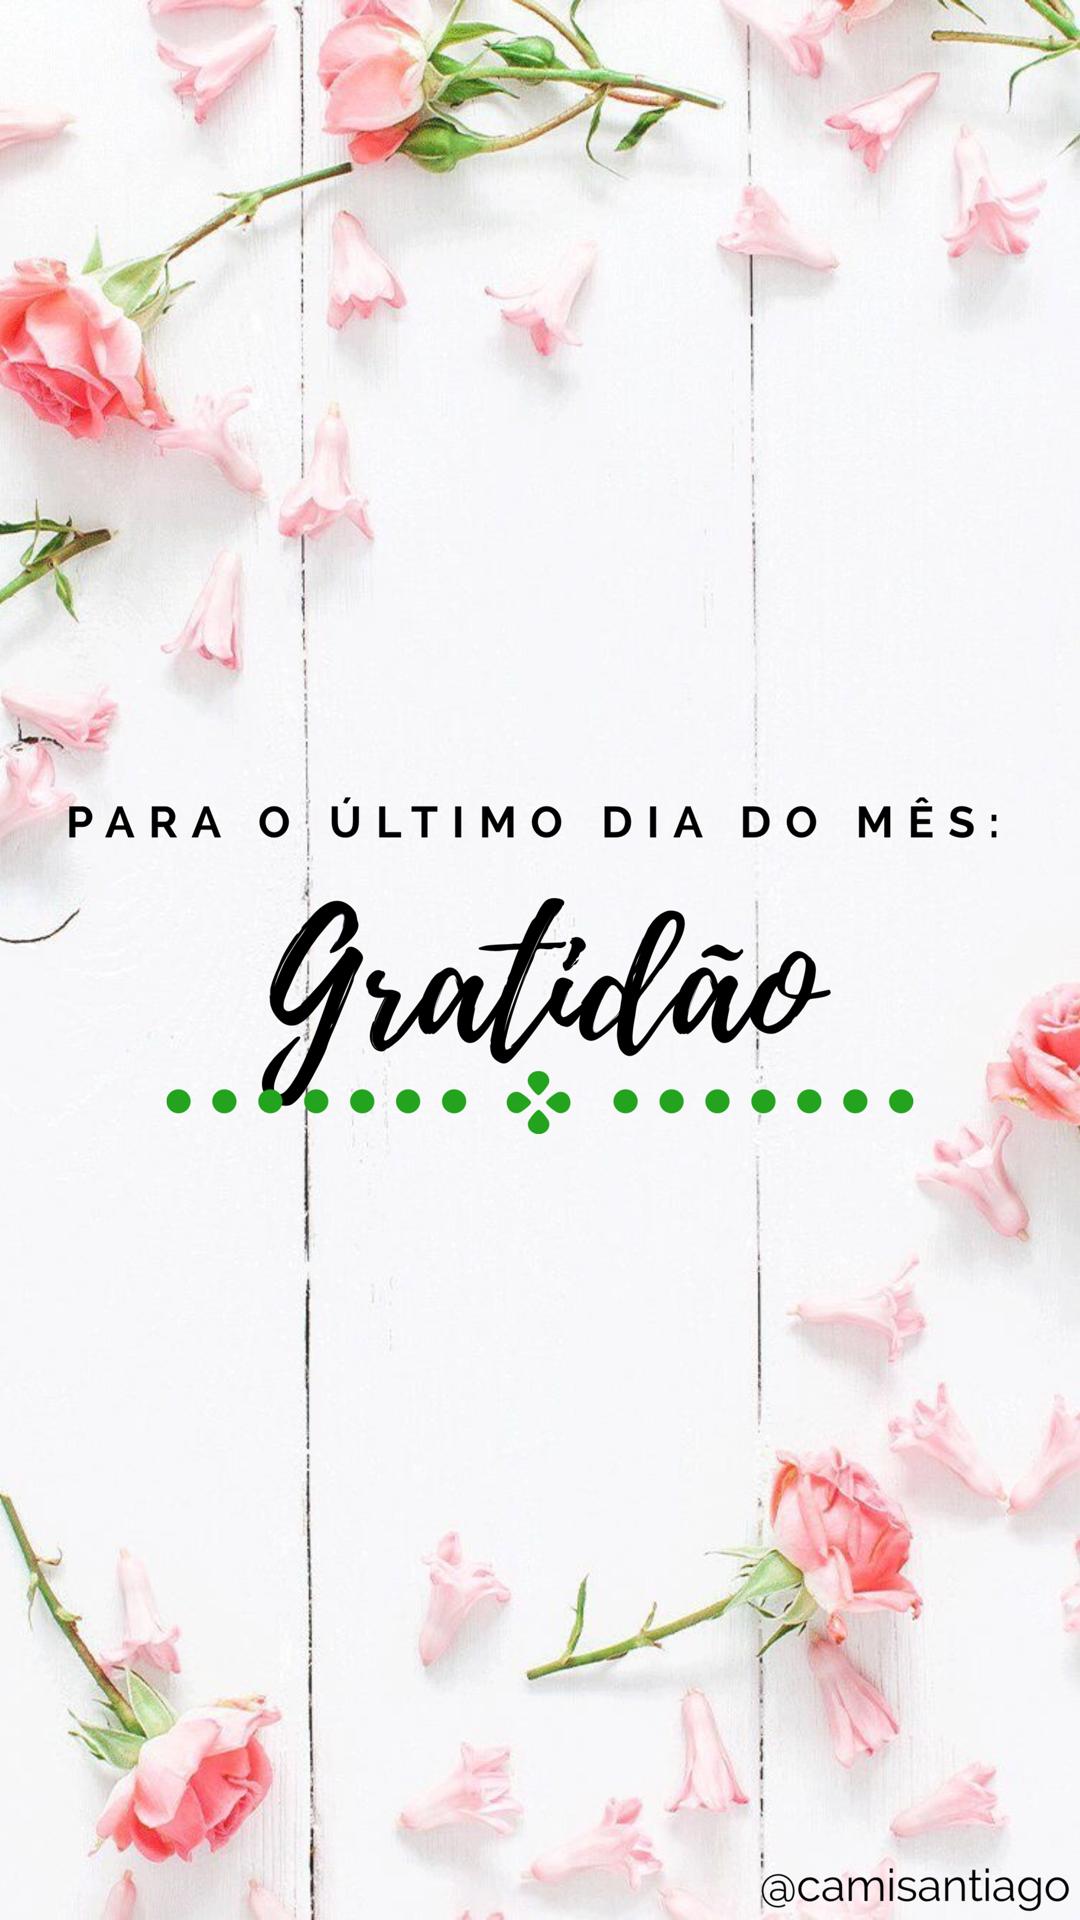 Gratidão Mensagens Legais Gratidão Frases E Frases